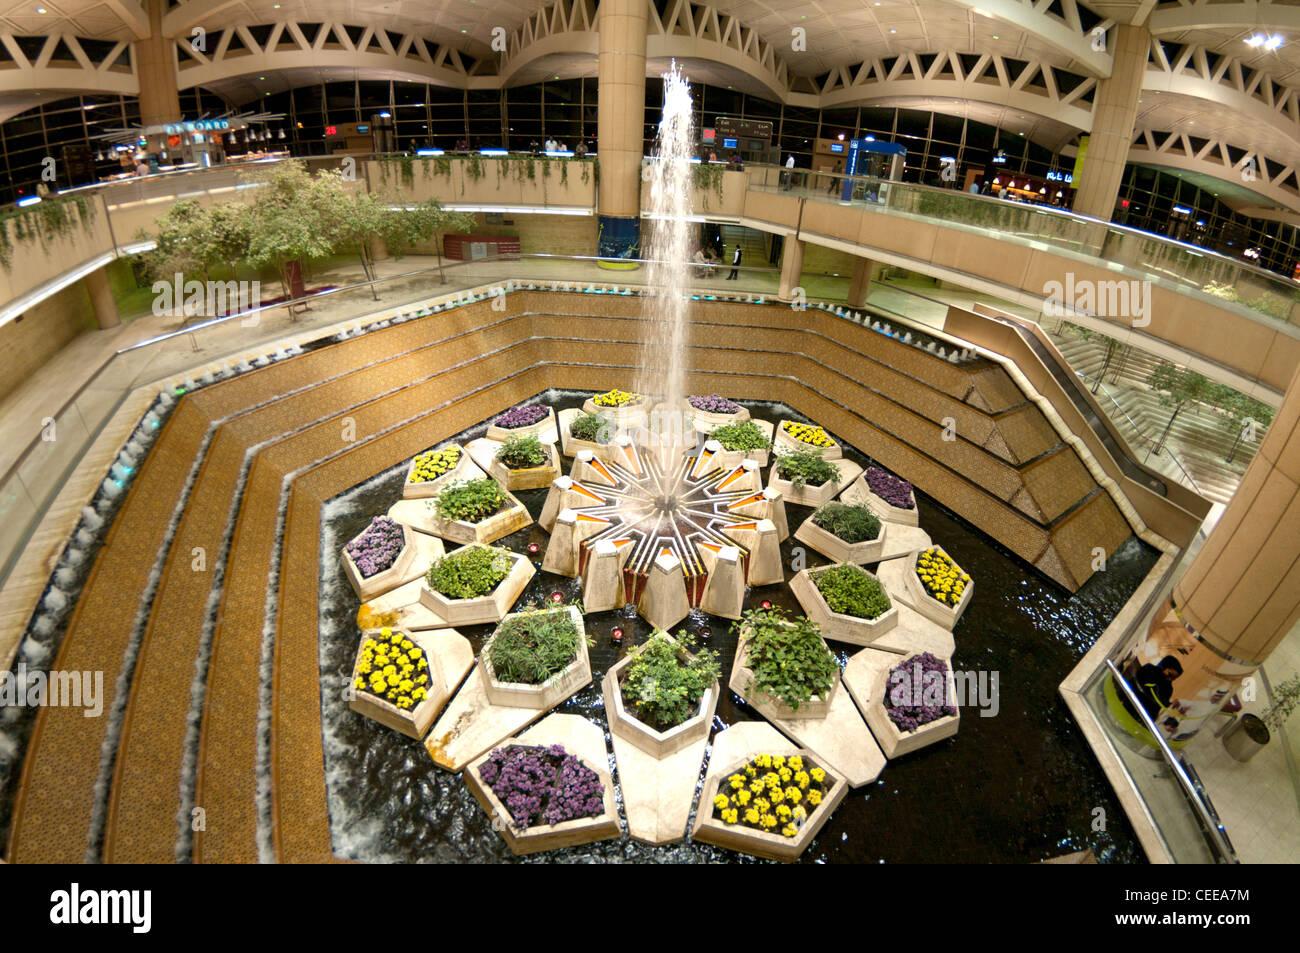 Una fuente en el Rey Khaled Airport en Riyadh, Arabia Saudita Imagen De Stock